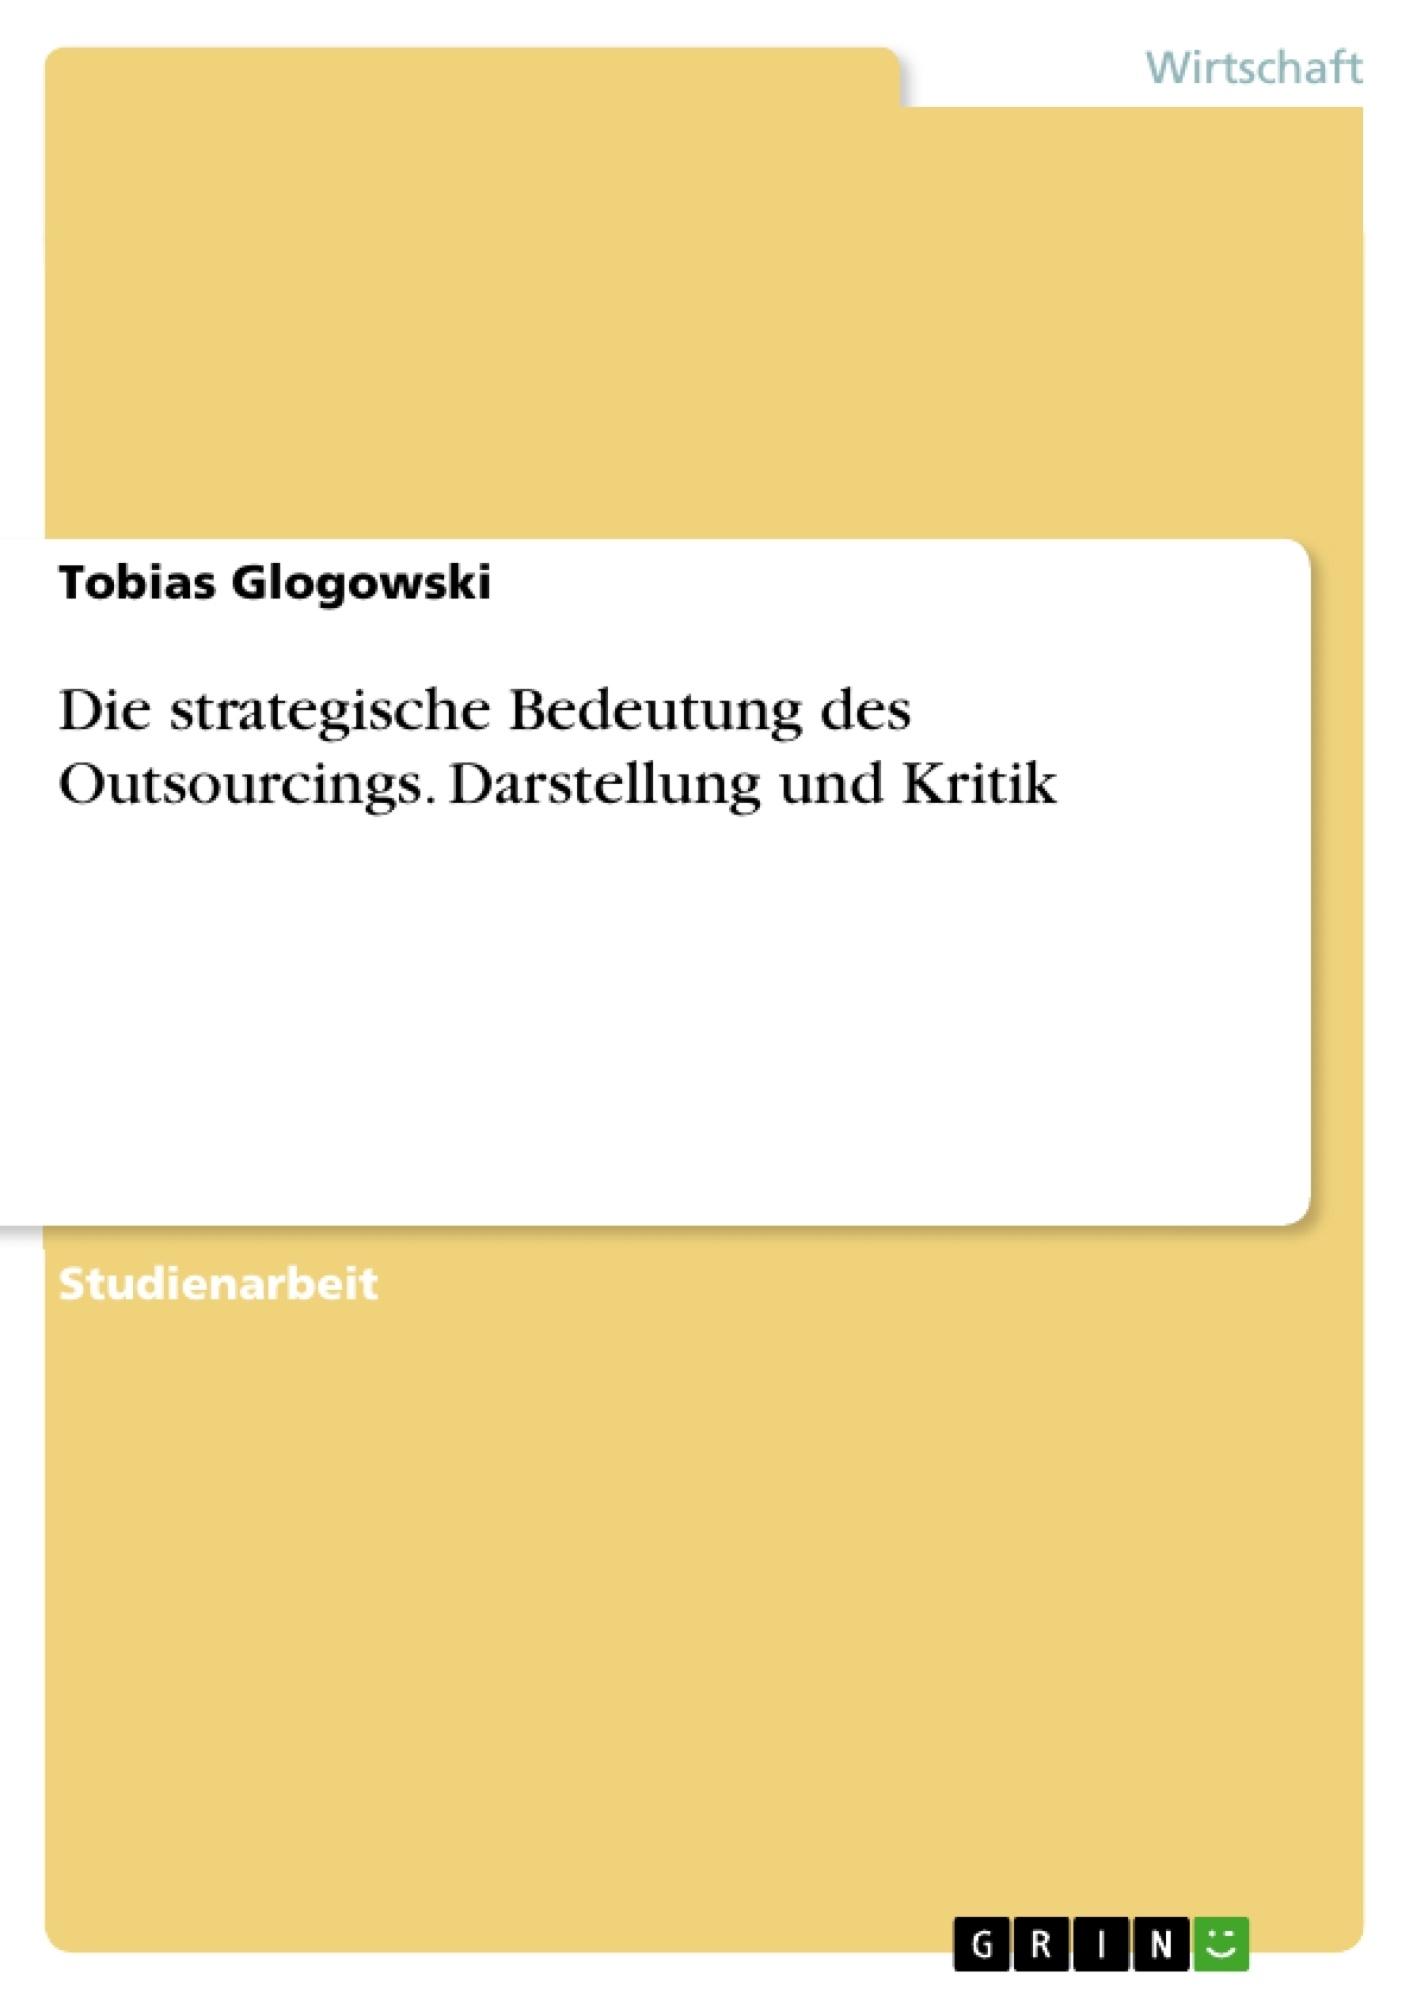 Titel: Die strategische Bedeutung des Outsourcings. Darstellung und Kritik